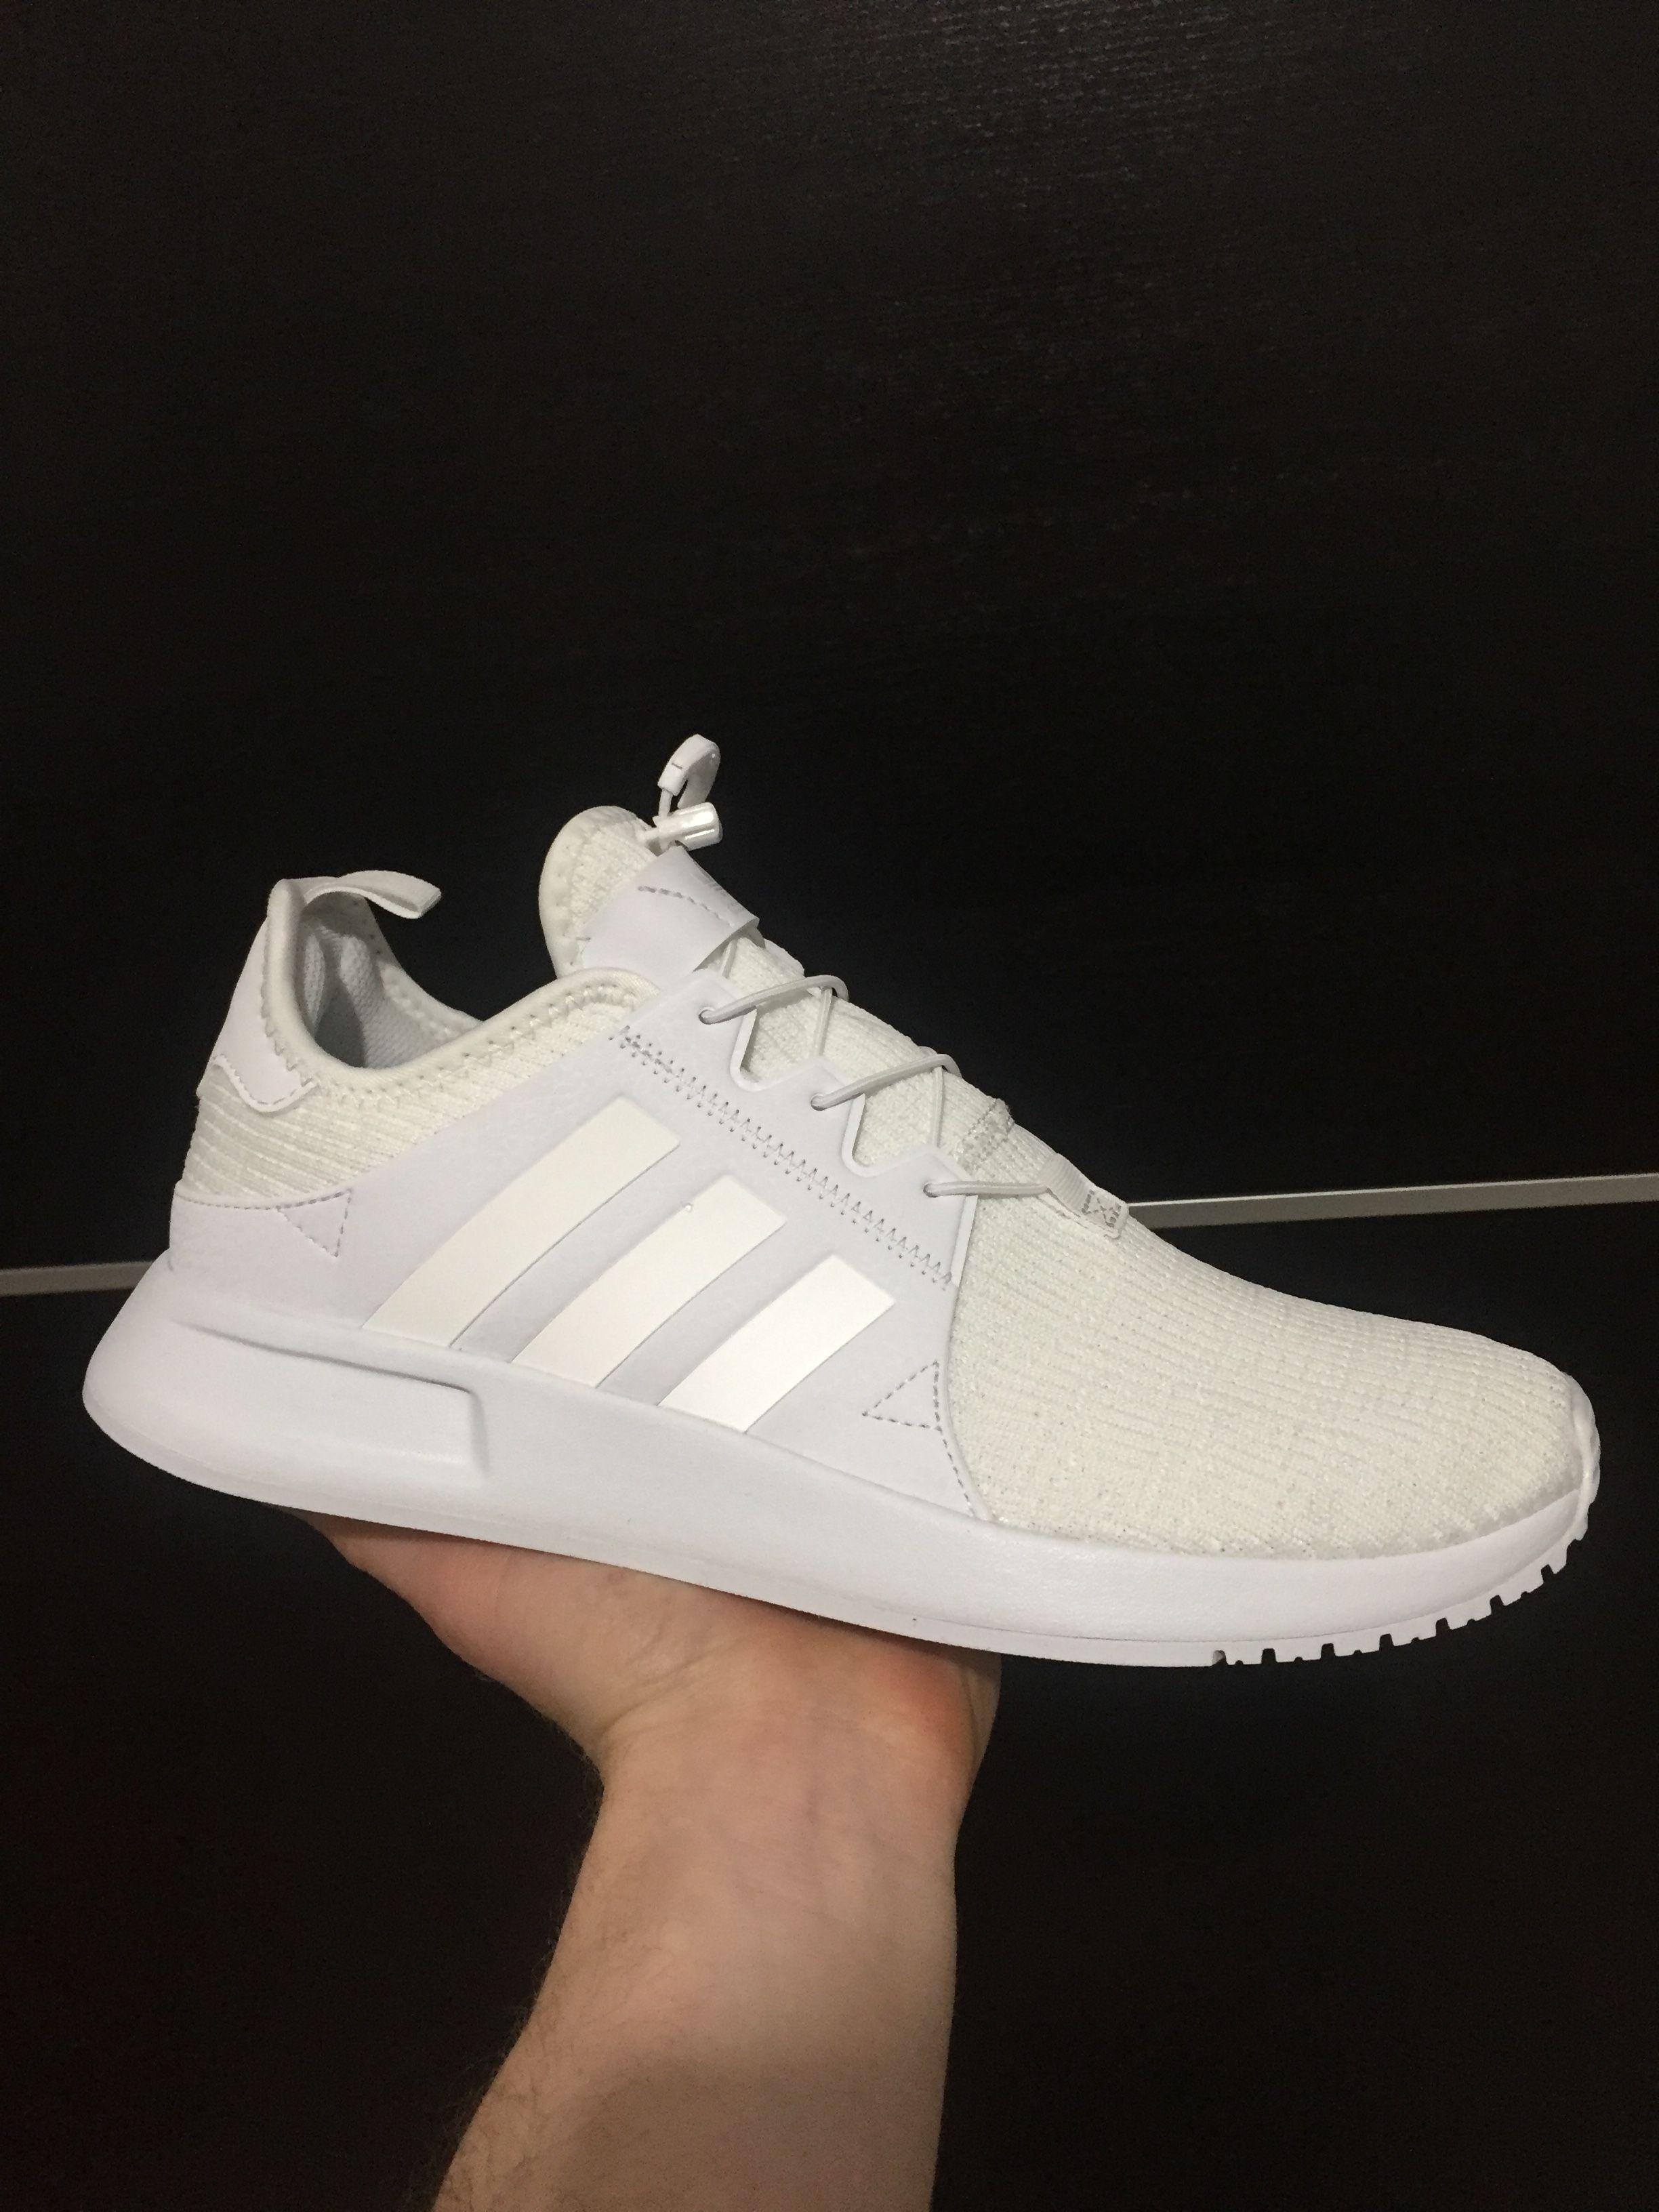 promo code 385ae f769a Adidas x plr total White